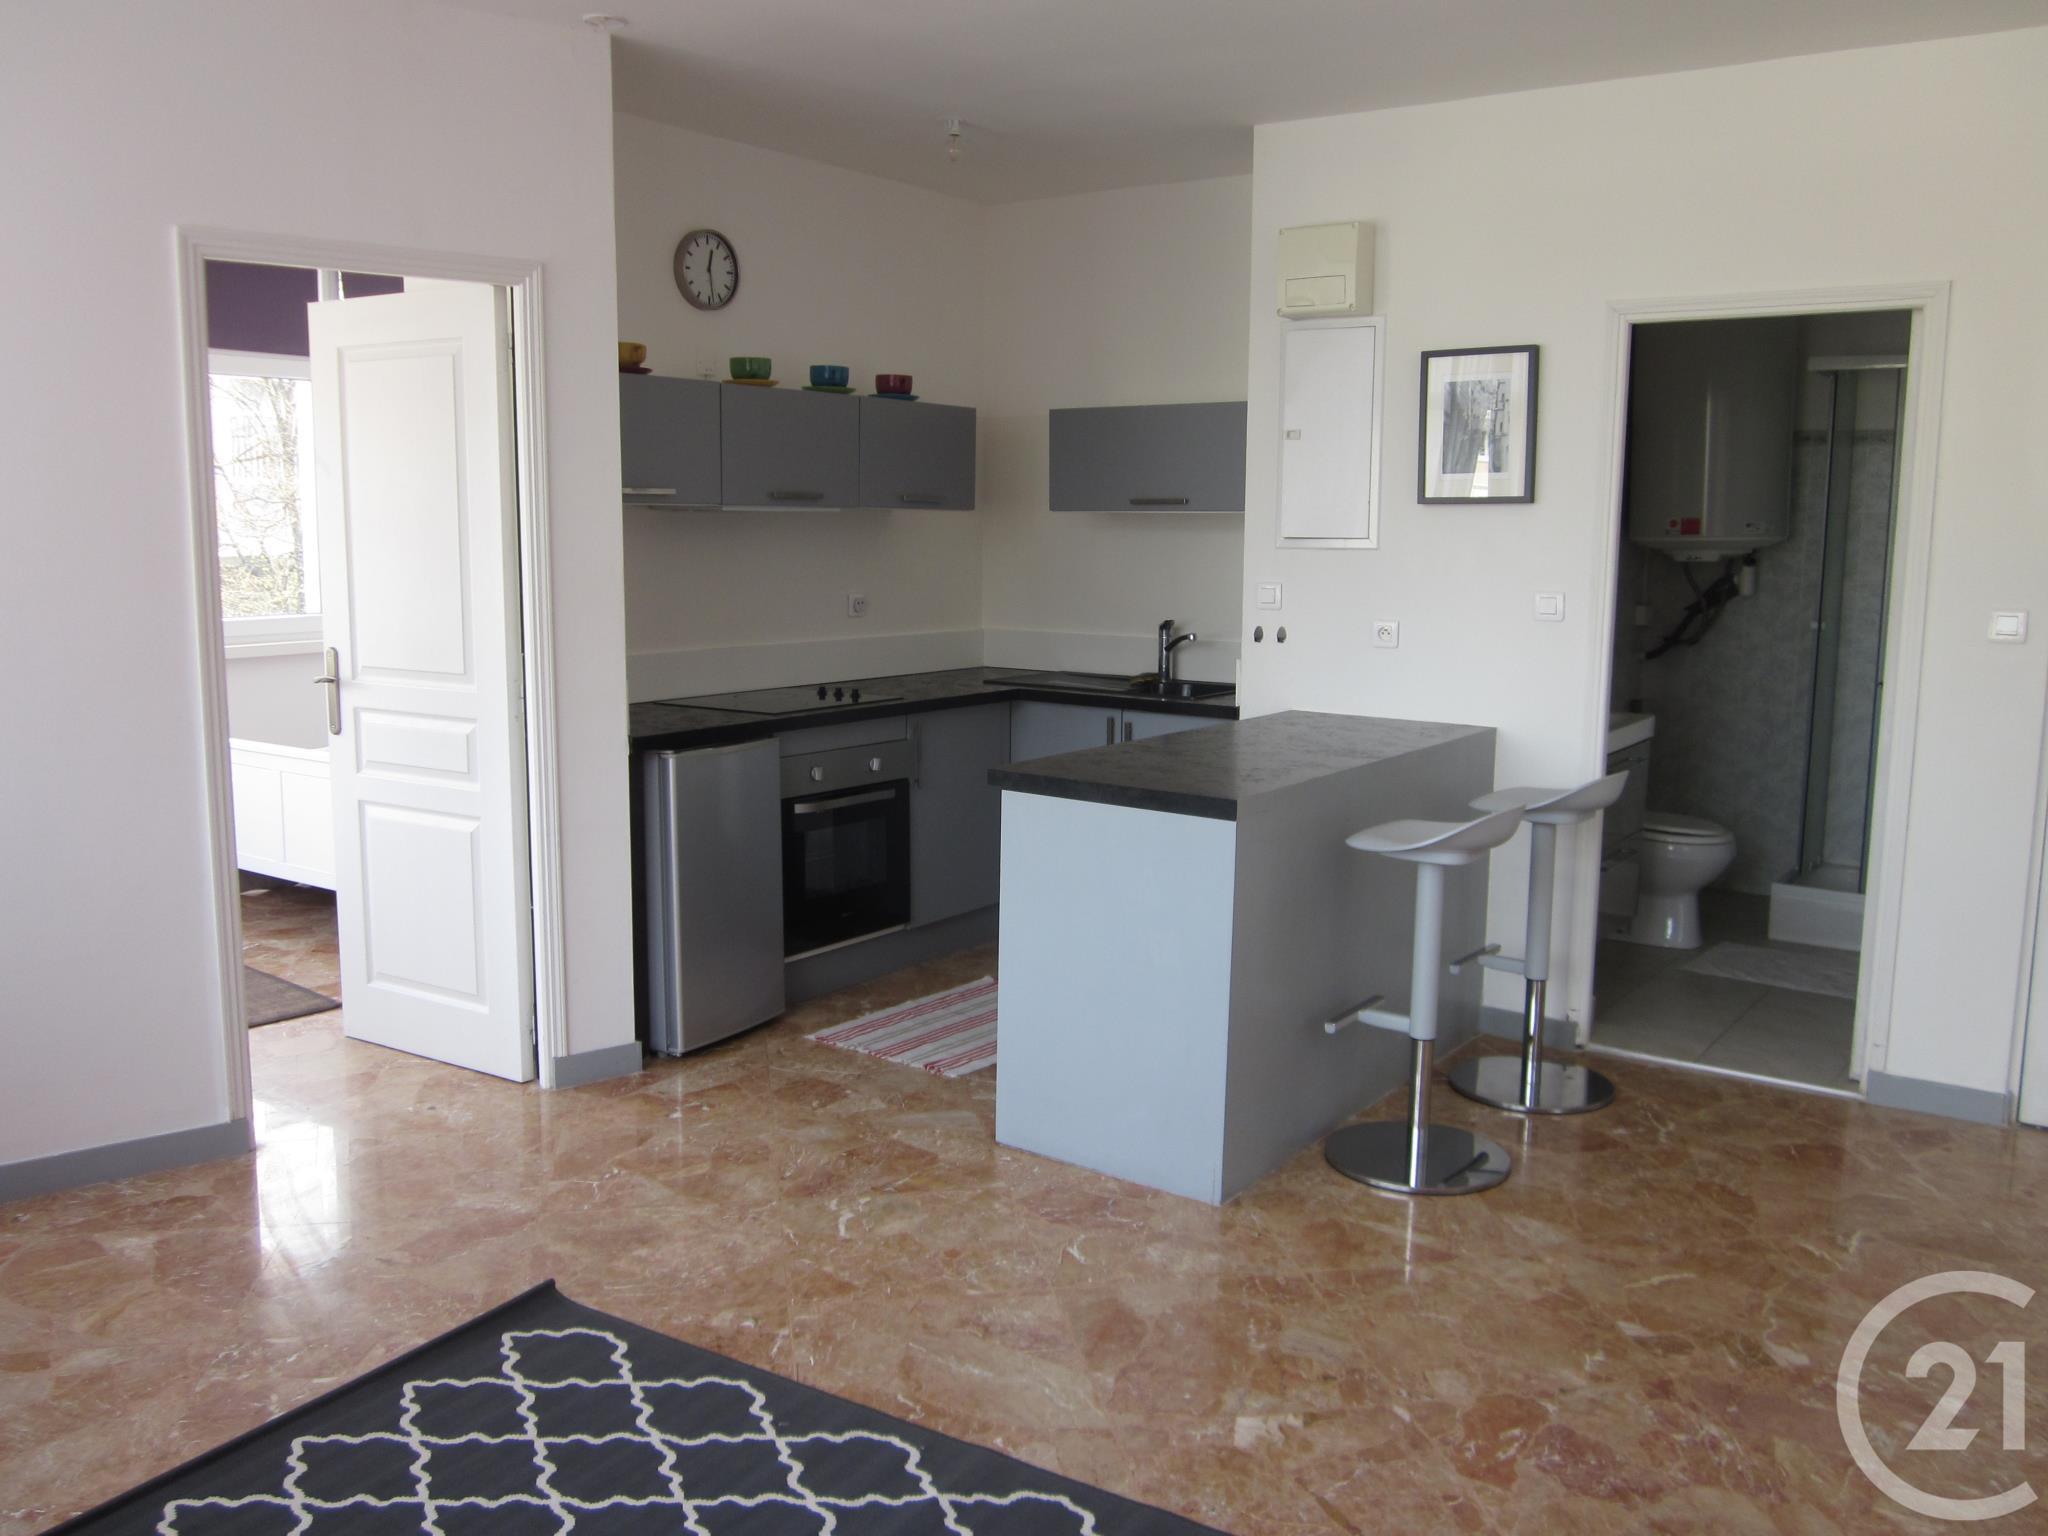 Beau Location Appartement Meublé 2 Pièces 39 M²